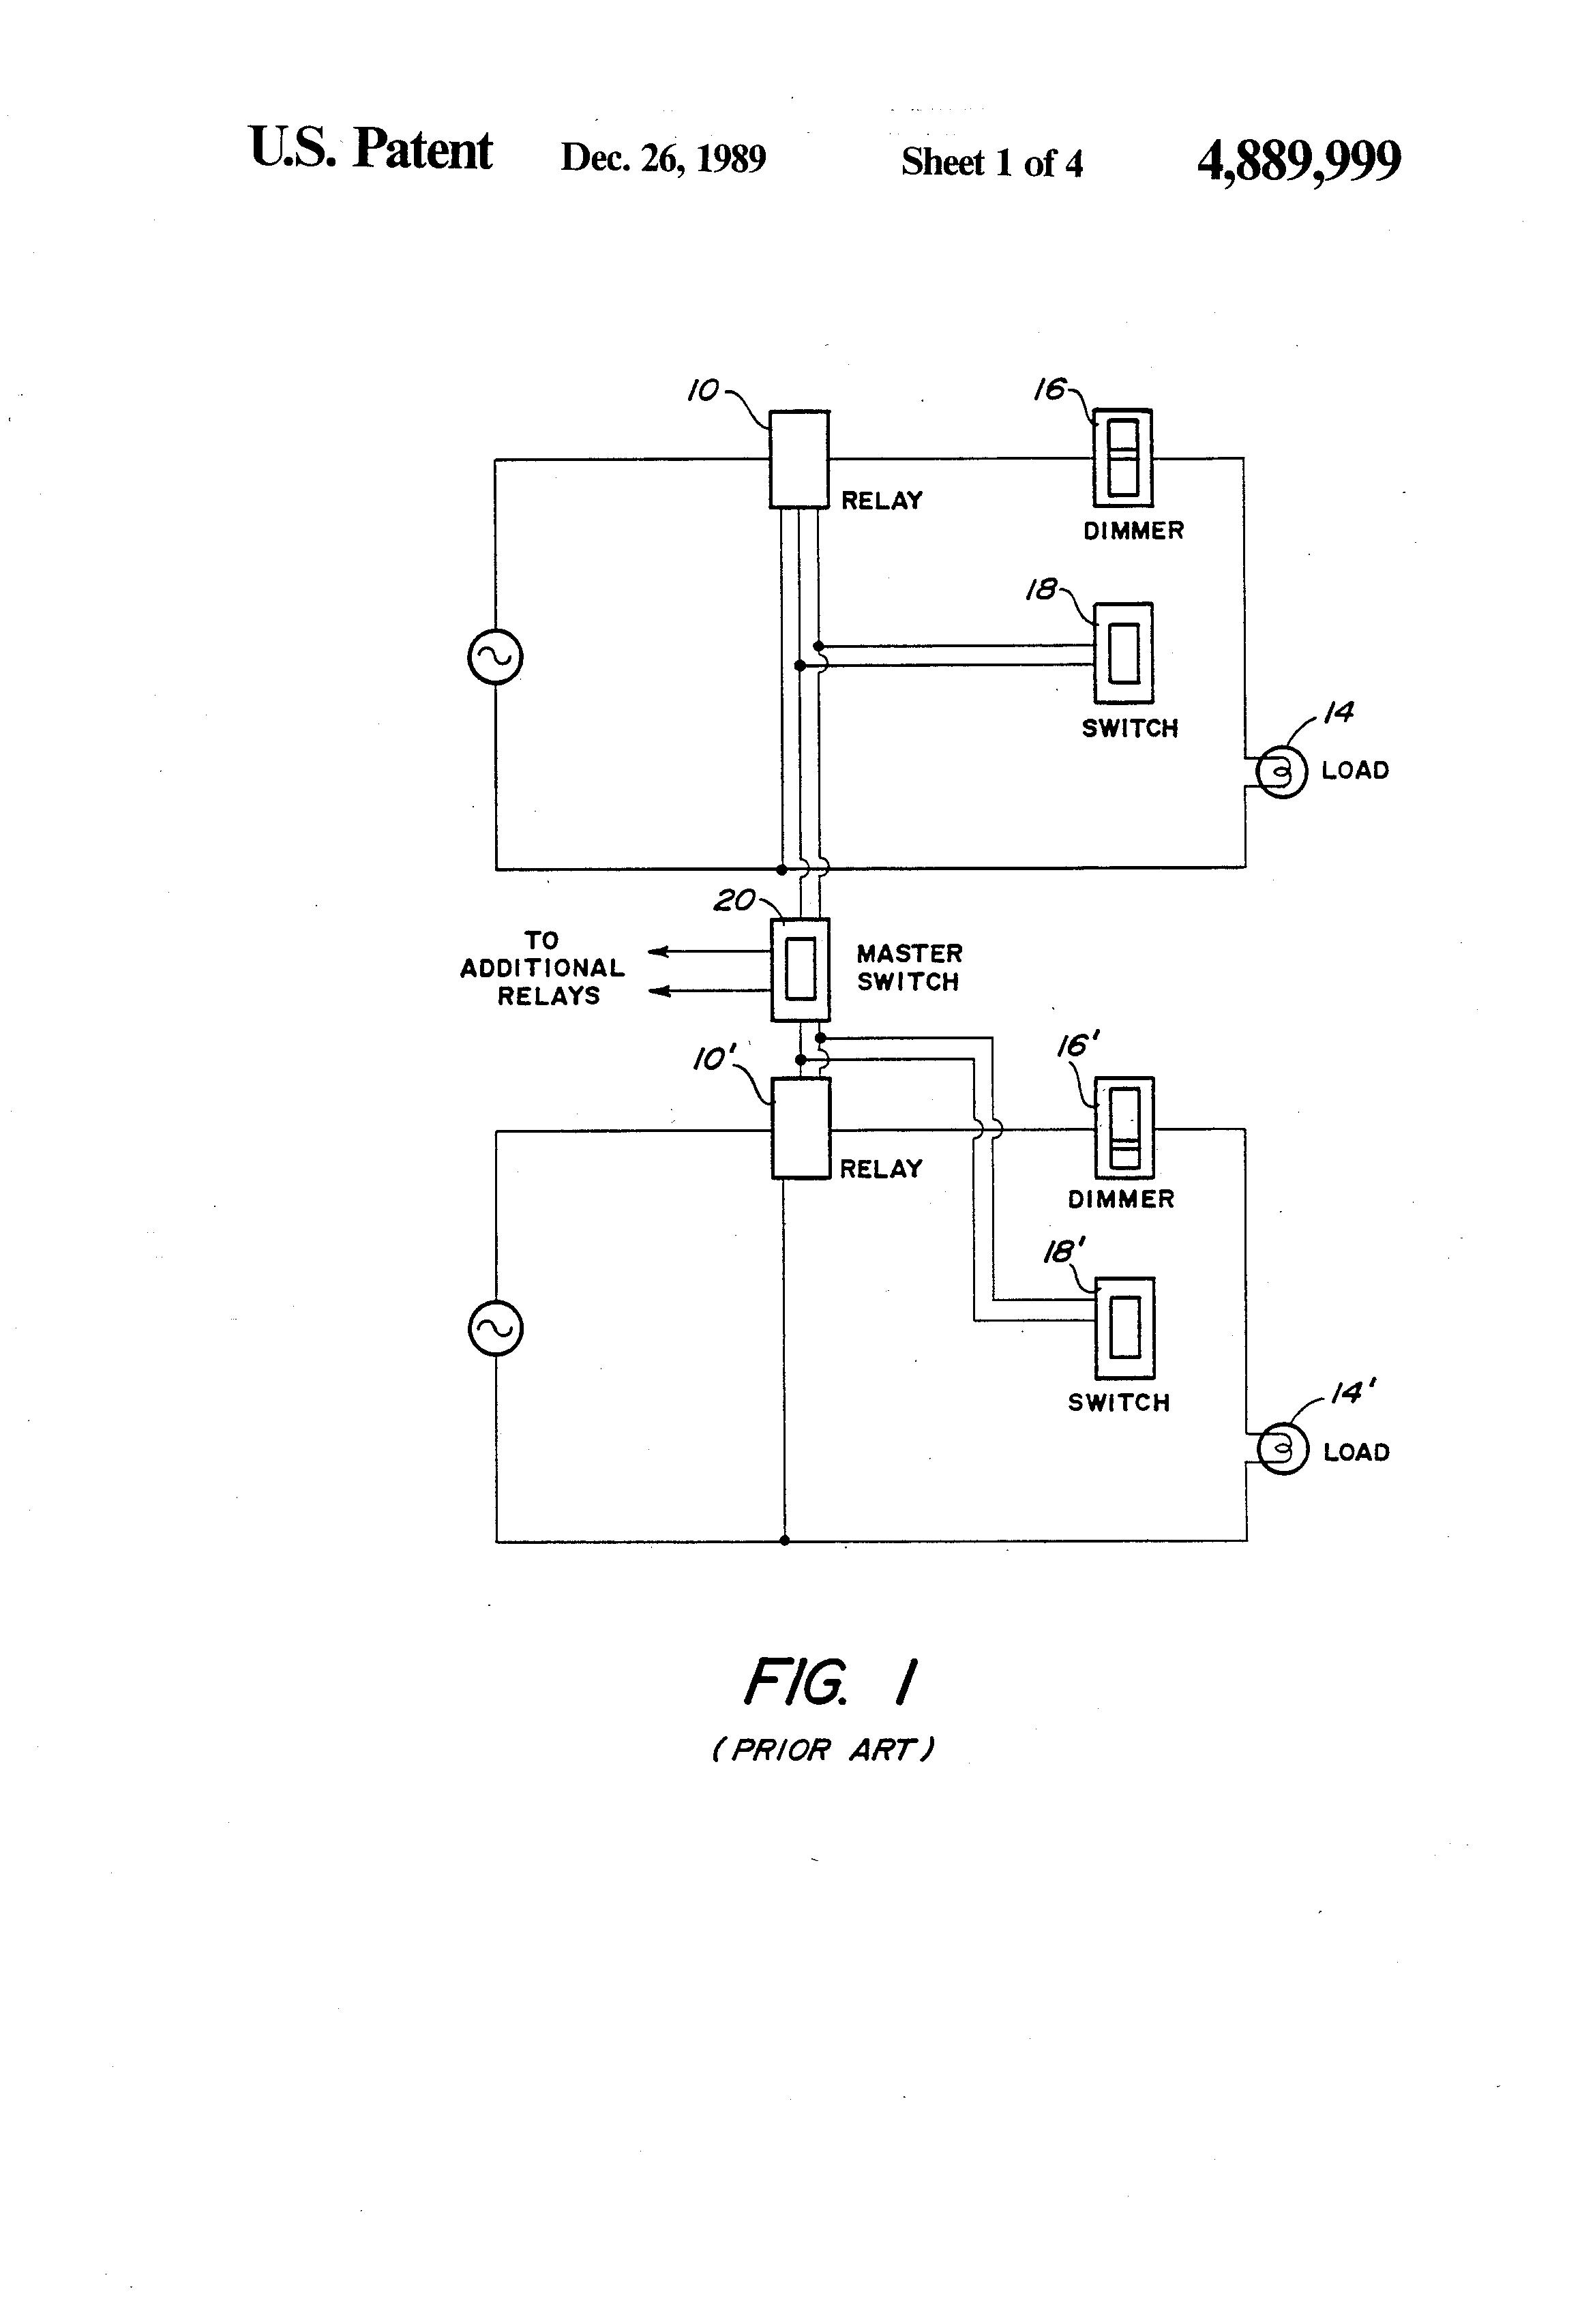 US4889999 1 lightolier wiring diagram nuheat wiring diagram \u2022 wiring diagram lightolier easyset dimmer wiring diagram at bayanpartner.co